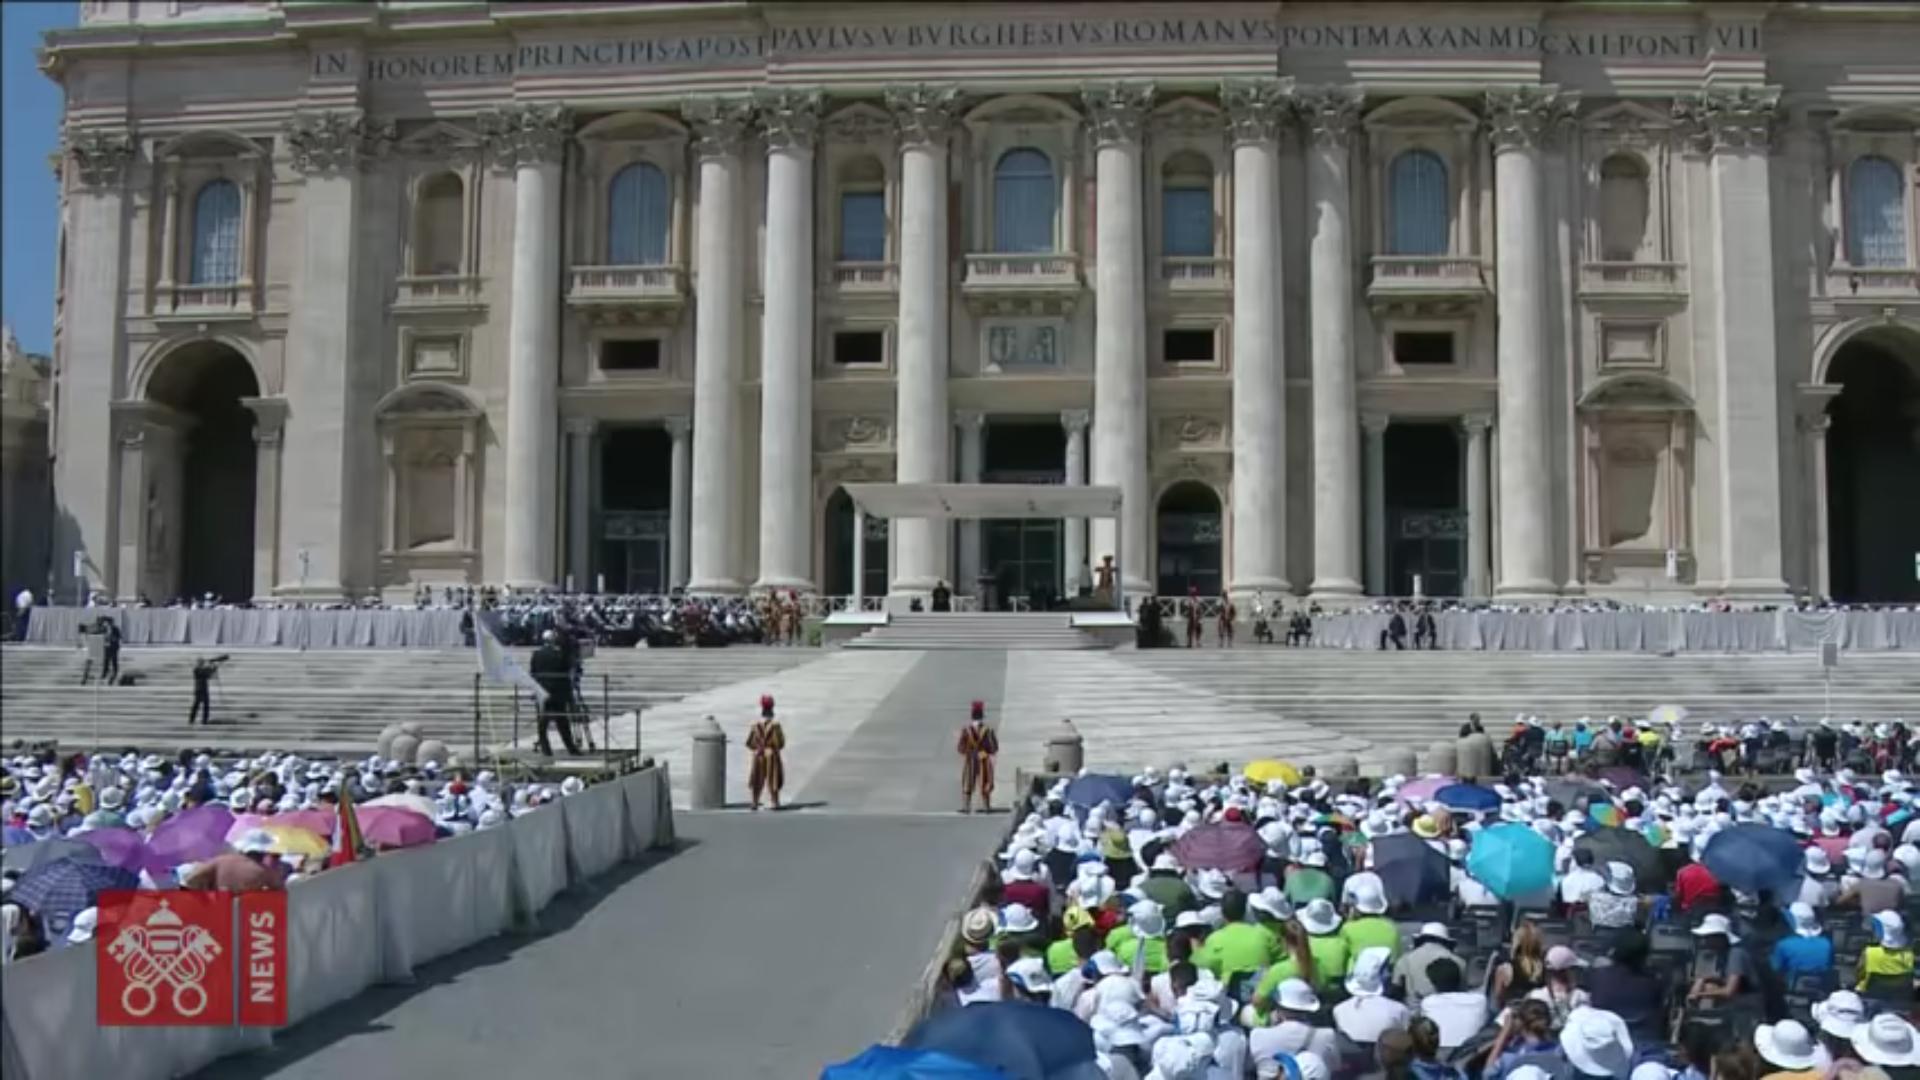 Angélus du 12 août 2018, capture @ Vatican Media